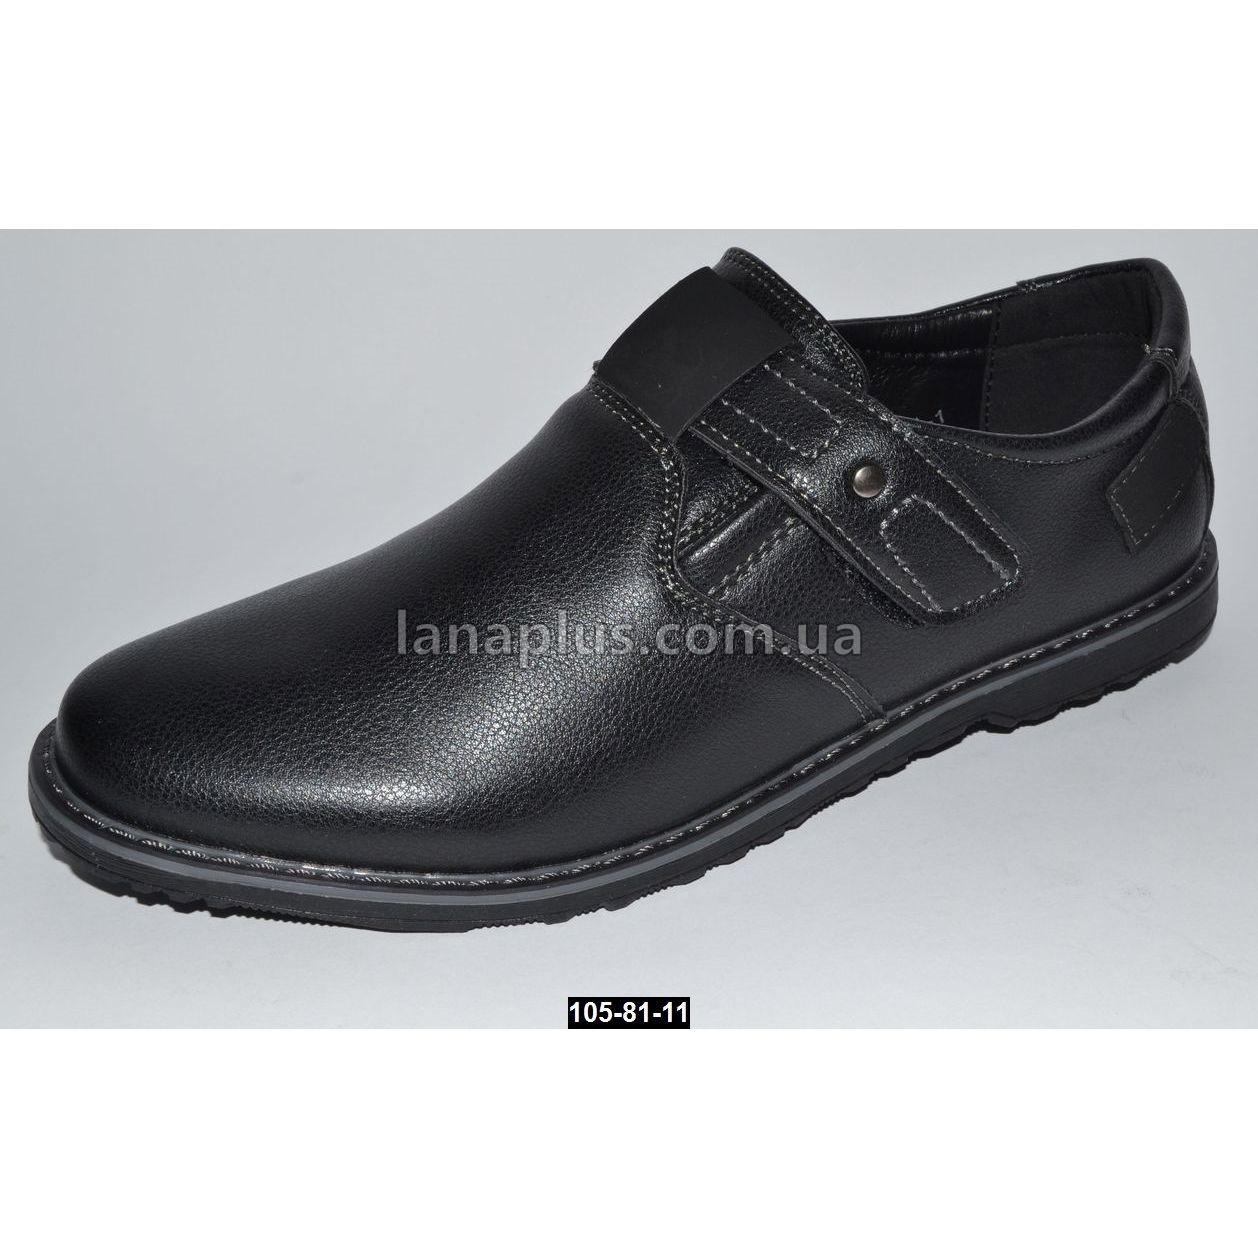 Прошитые школьные туфли для мальчика, 35 размер (22.5 см), супинатор